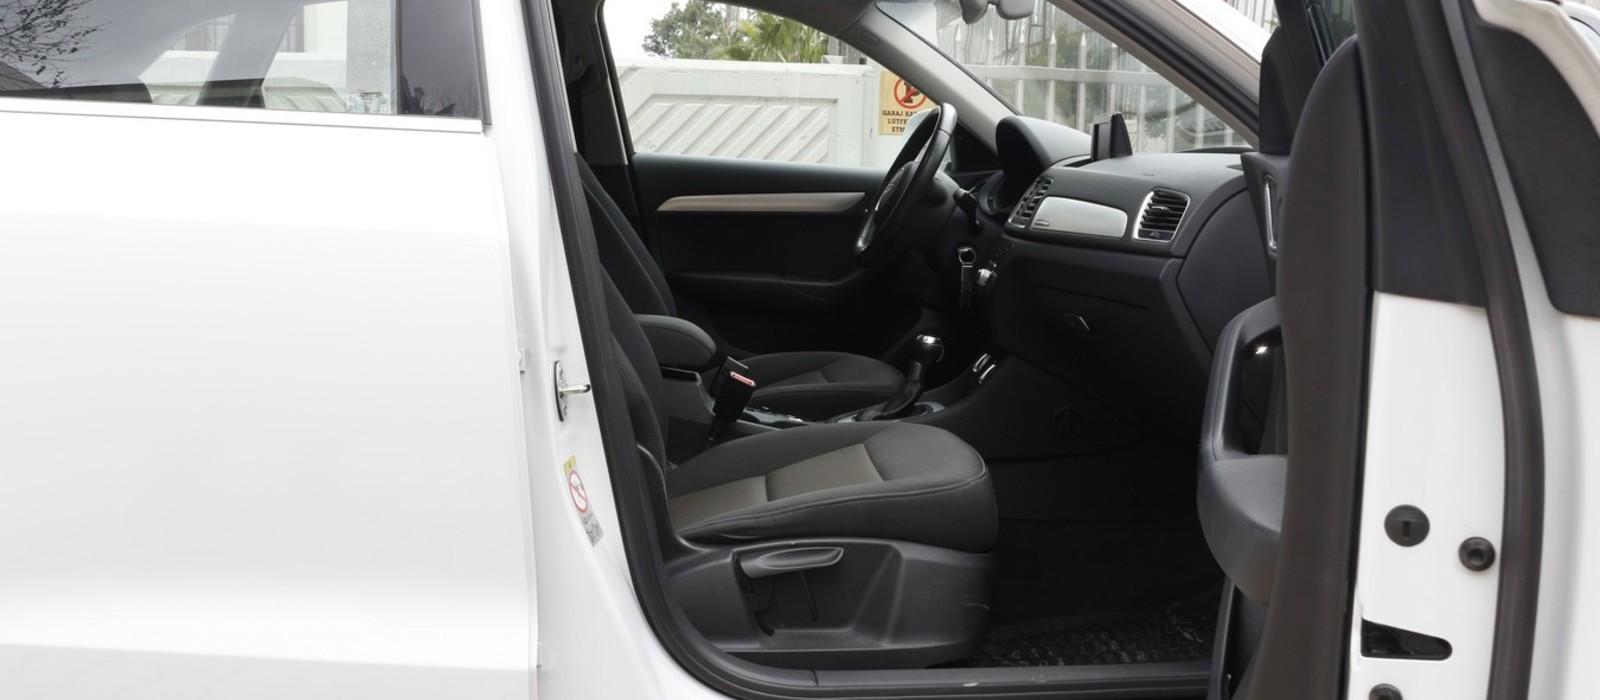 ikinci el araba 2012 Audi Q3 2.0 TDI Dizel Otomatik 79600 KM 6